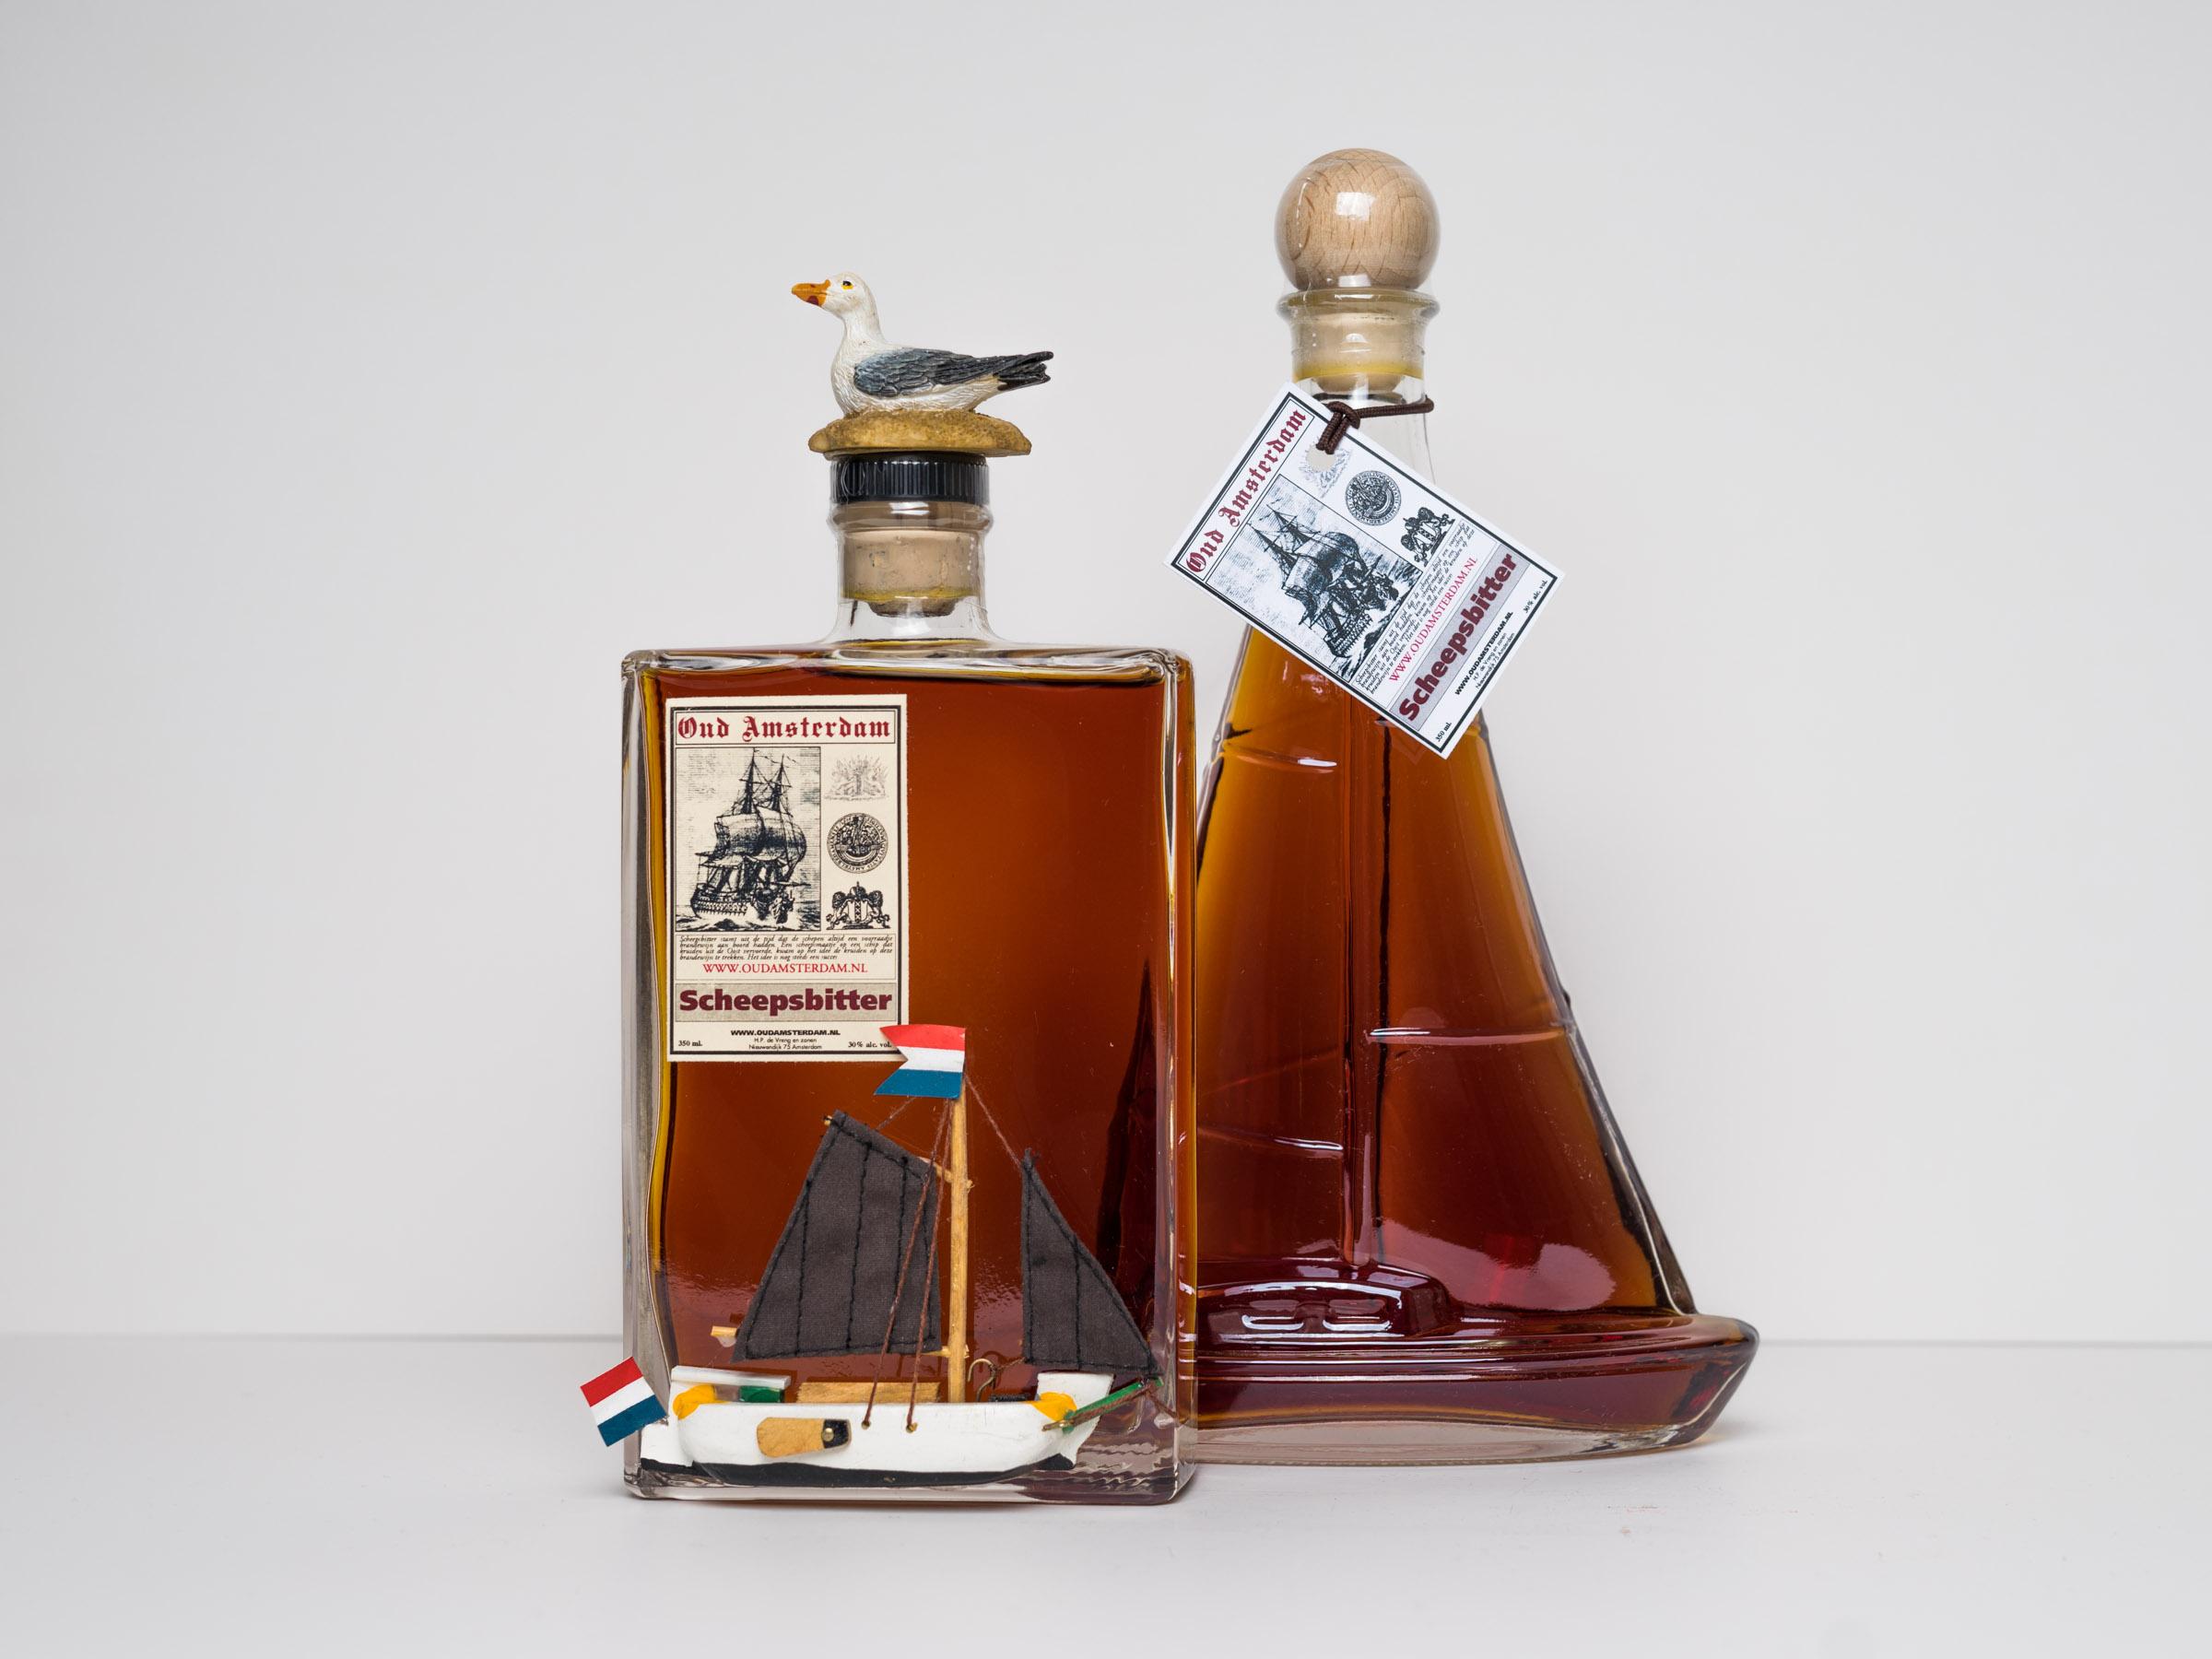 ZEILBOOT MET SCHEEPSBITTER   350ml. € 19,95  fles in vorm van ZEILBOOT MET SCHEEPSBITTER   350ml.  € 19,95